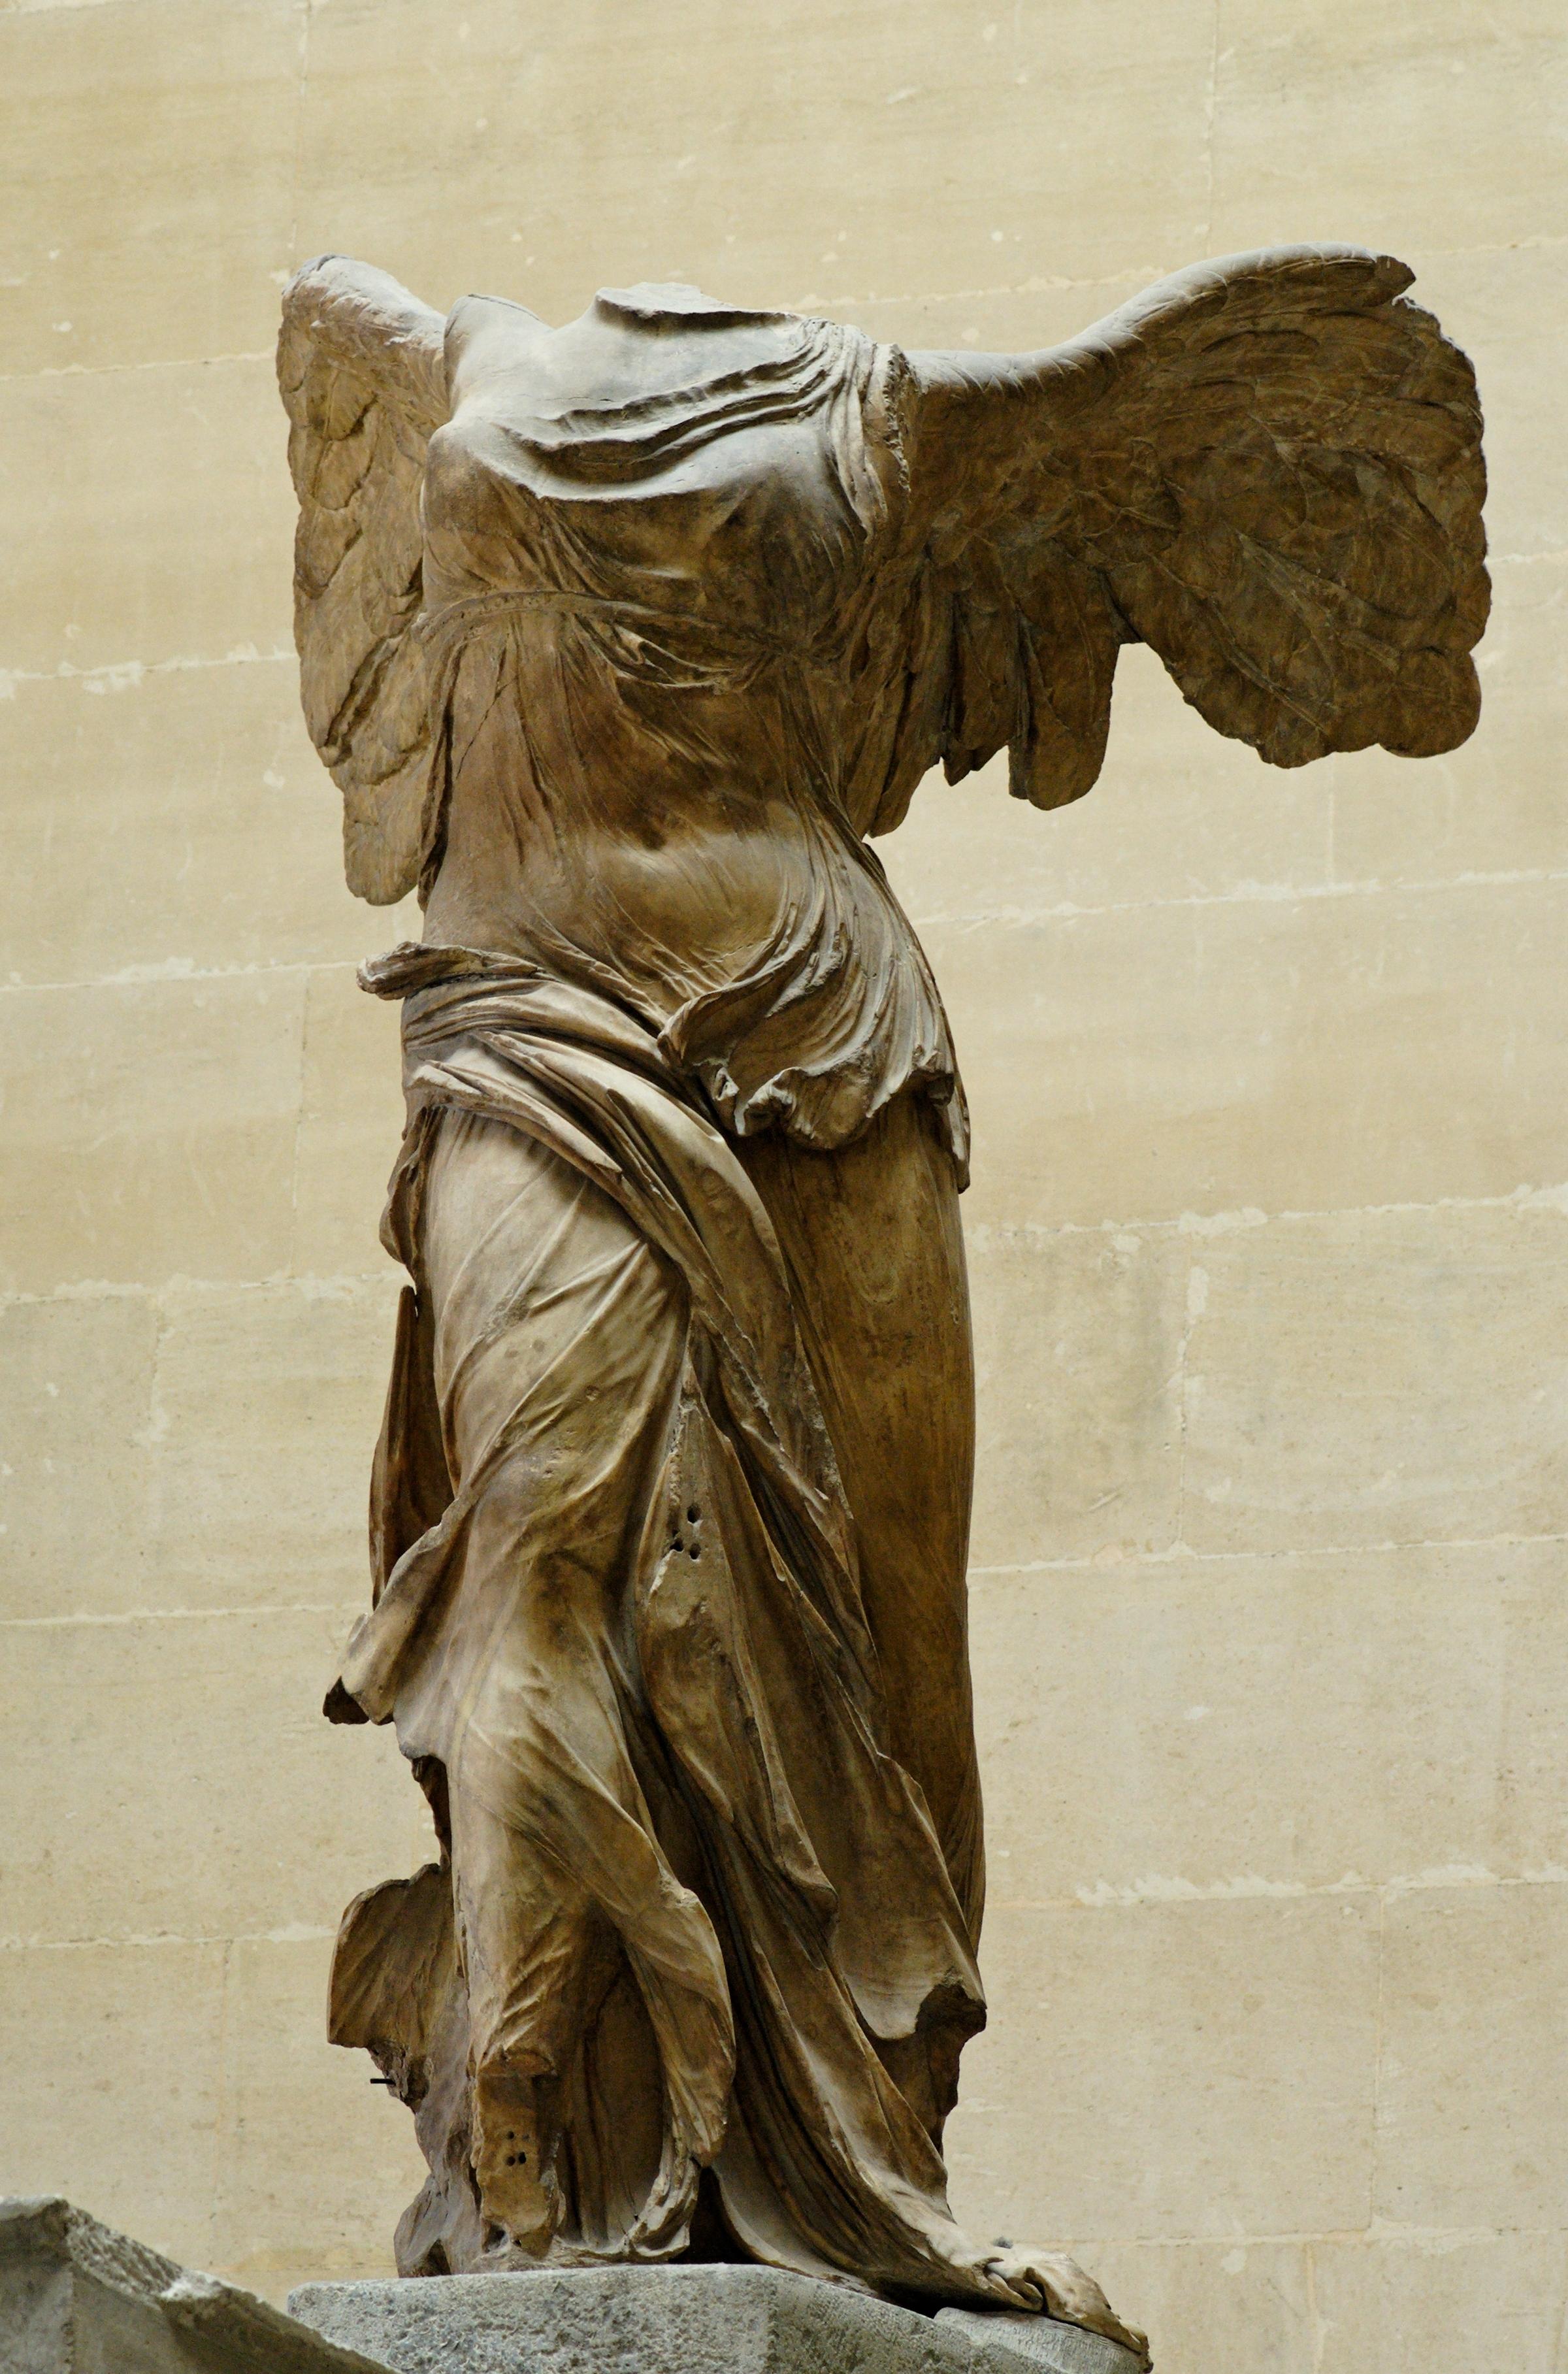 nanowrimo 2013 winner nike u2013 greek winged goddess of victory